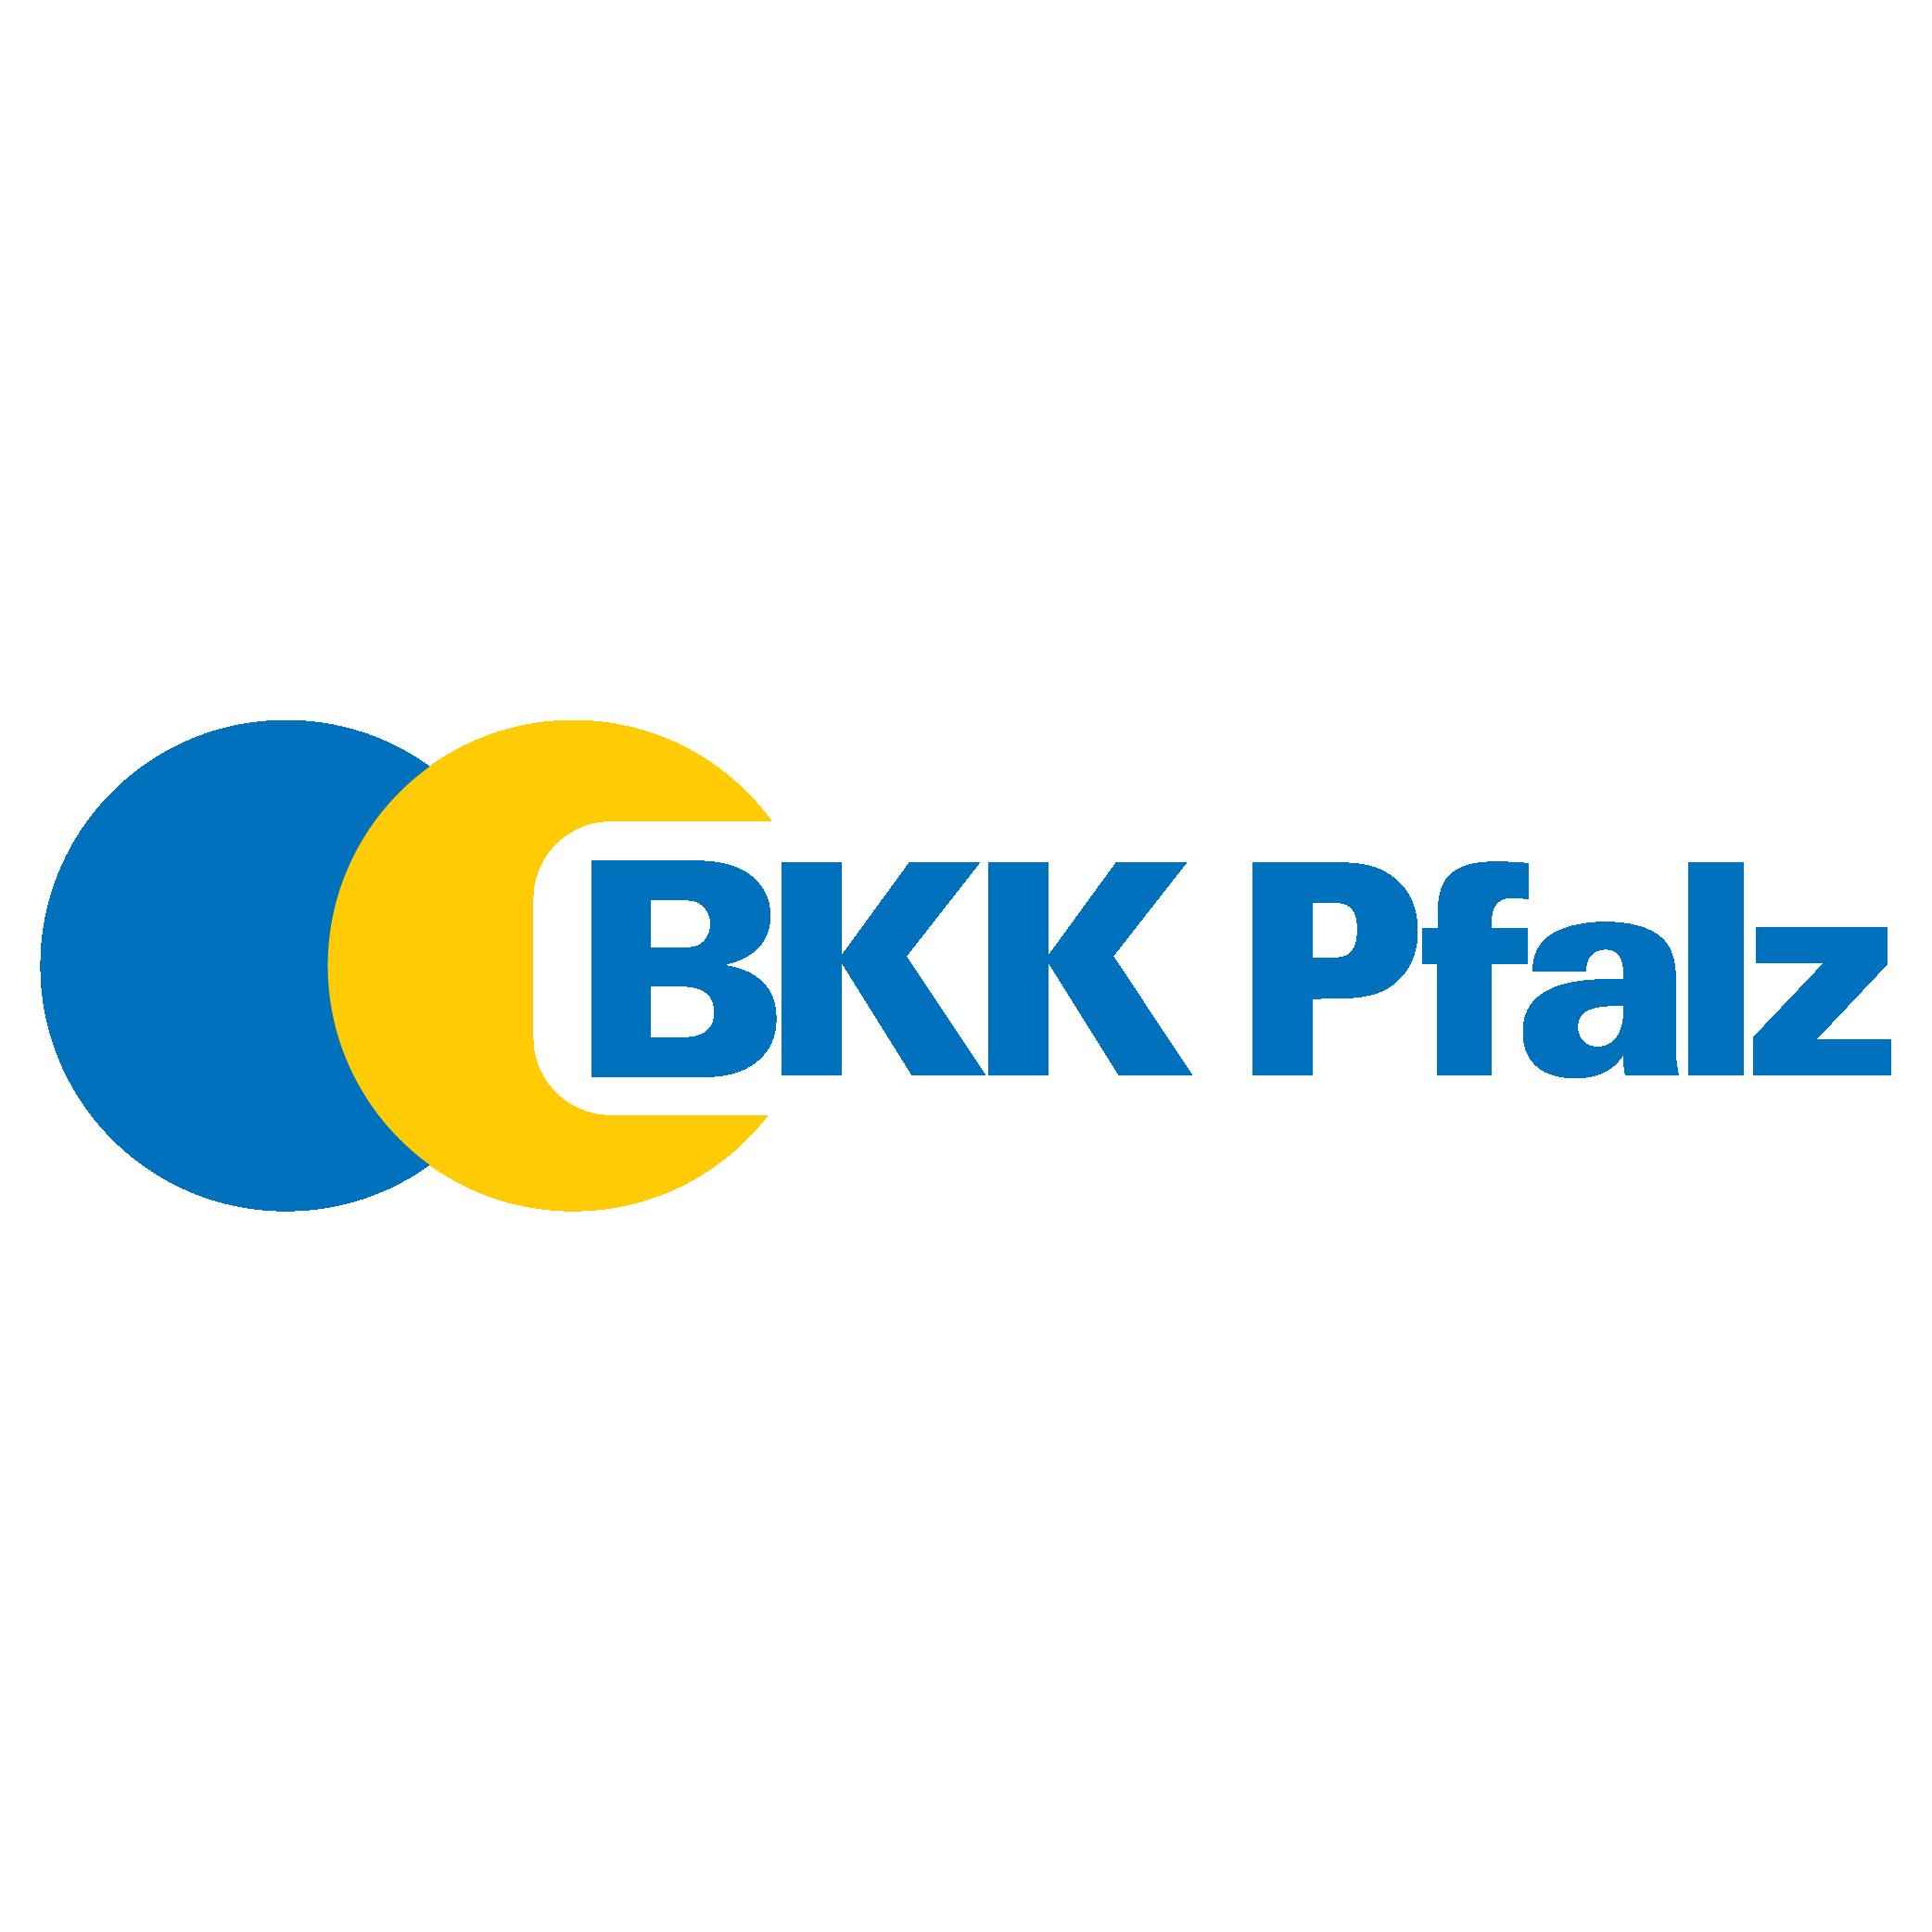 Markenzeichen der BKK Pfalz